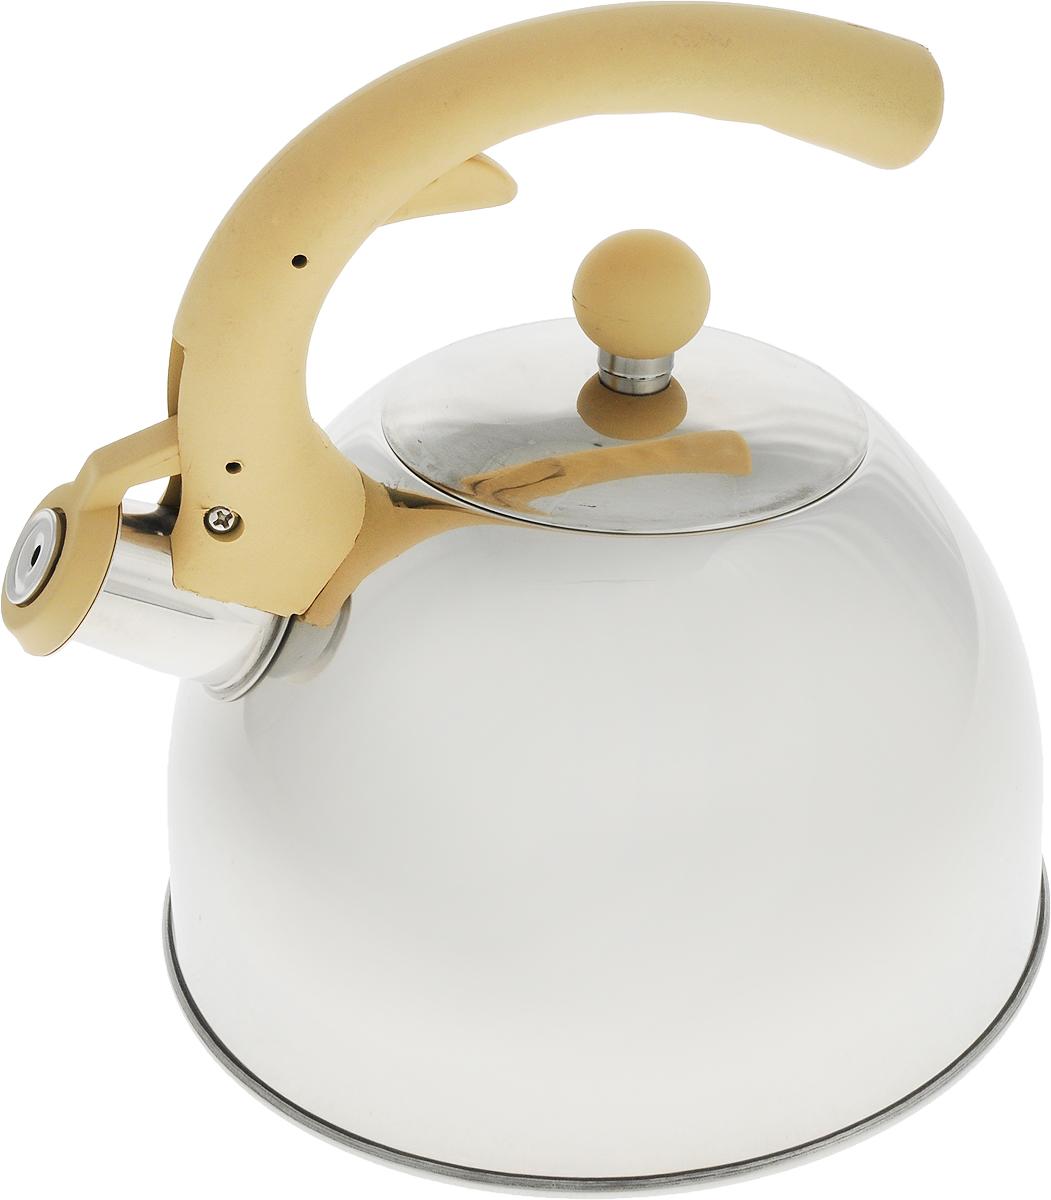 Чайник Travola, со свистком, цвет: серый, бежевый, 2,5 л00002101Чайник Travola выполнен из высококачественной нержавеющей стали и алюминия, что делает его весьма гигиеничным и устойчивым к износу при длительном использовании. Носик чайника оснащен насадкой-свистком, что позволит вам контролировать процесс подогрева или кипячения воды. Чайник снабжен стальной крышкой и эргономичной нейлоновой ручкой с резиновым покрытием.Эстетичный и функциональный чайник будет оригинально смотреться в любом интерьере.Подходит для всех типов плит, включая индукционные. Высота чайника (с учетом ручки и крышки): 23 см.Диаметр чайника (по верхнему краю): 10 см.Диаметр индукционного дна: 19 см.